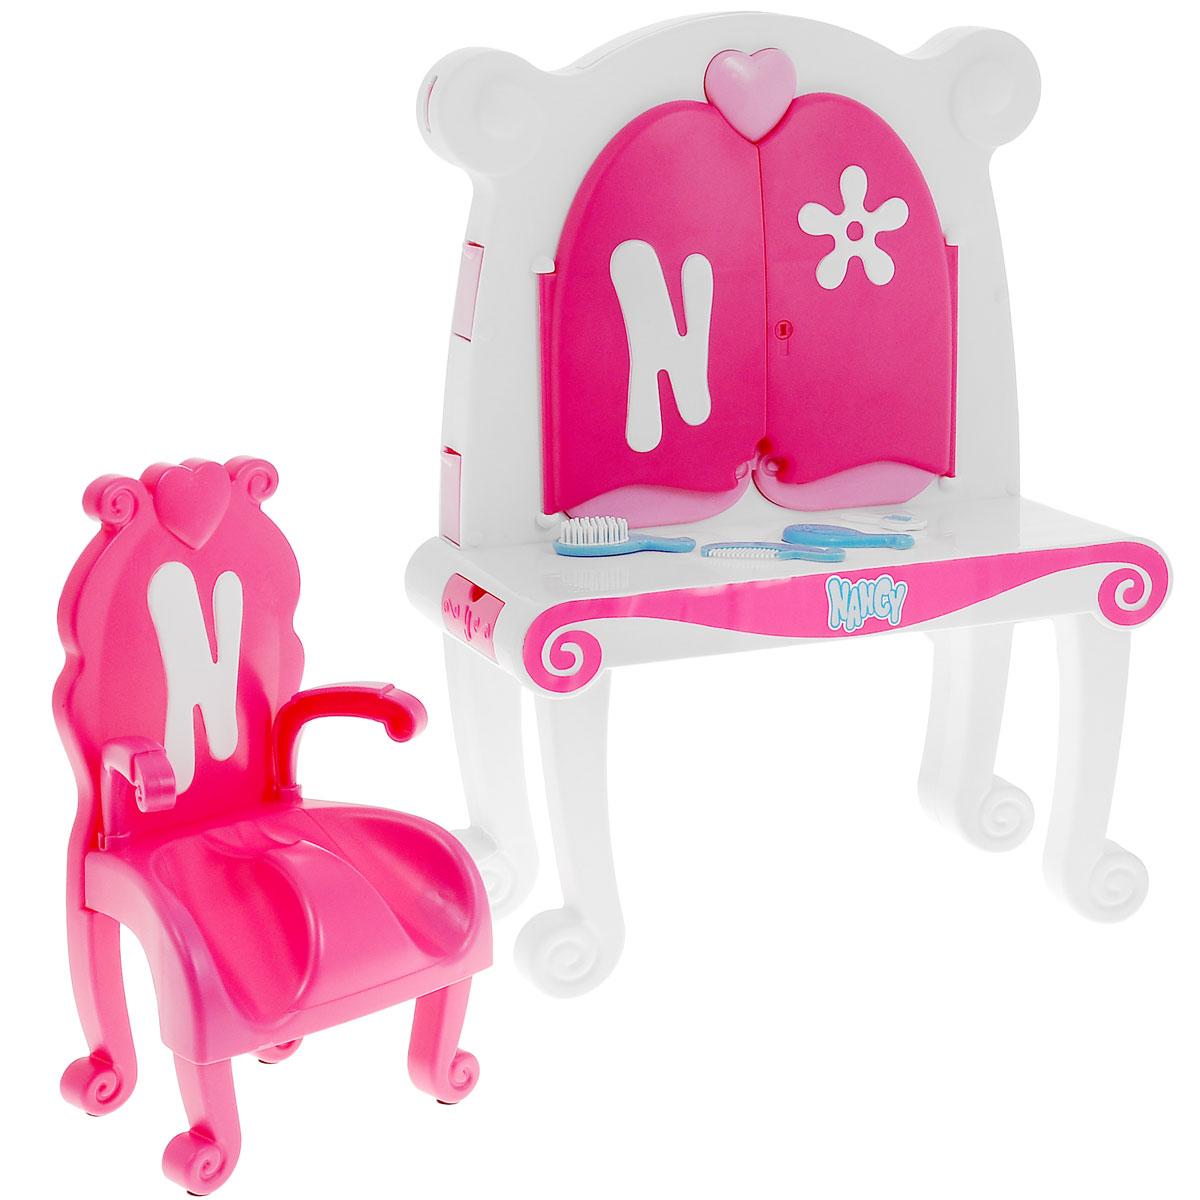 """Туалетный столик Famosa """"Нэнси"""", выполненный из качественного пластика, непременно порадует маленькую красавицу. В набор входит туалетный столик с зеркалом, стульчик и аксессуары для куклы Нэнси в виде двух расчесок, небольшого зеркальца и ключика. Туалетный столик оборудован всем необходимым для куколки: множество шкафчиков, зеркало, которое можно открывать и закрывать на ключик. Благодаря играм, в которых ребенок придумывает различные сюжеты, развивается воображение и творческие способности. Игровой набор станет отличным подарком для юной модницы."""